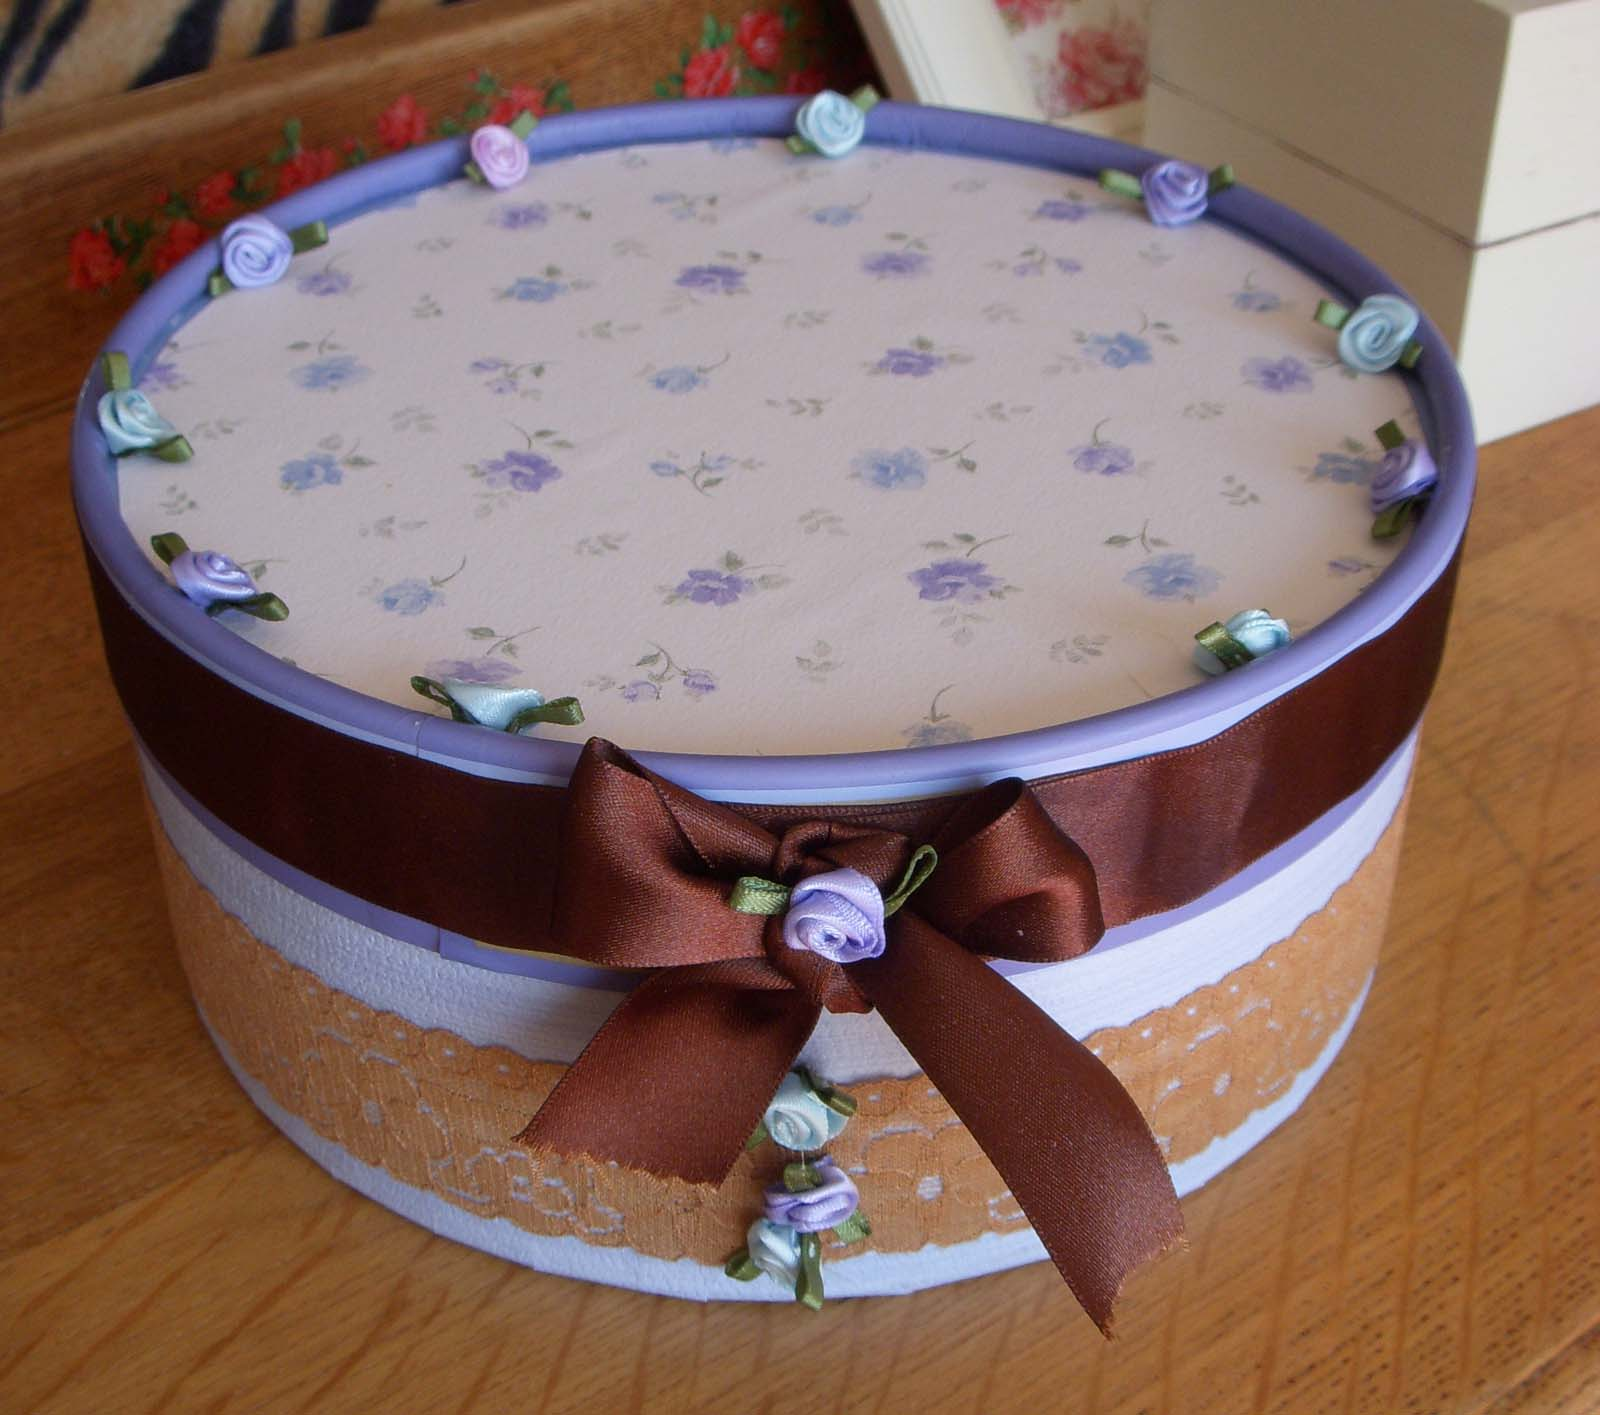 http://3.bp.blogspot.com/_iHhG4m9ecPQ/S__pE2R-kCI/AAAAAAAAAG8/forJIvj-v38/s1600/choclote+box+1.JPG